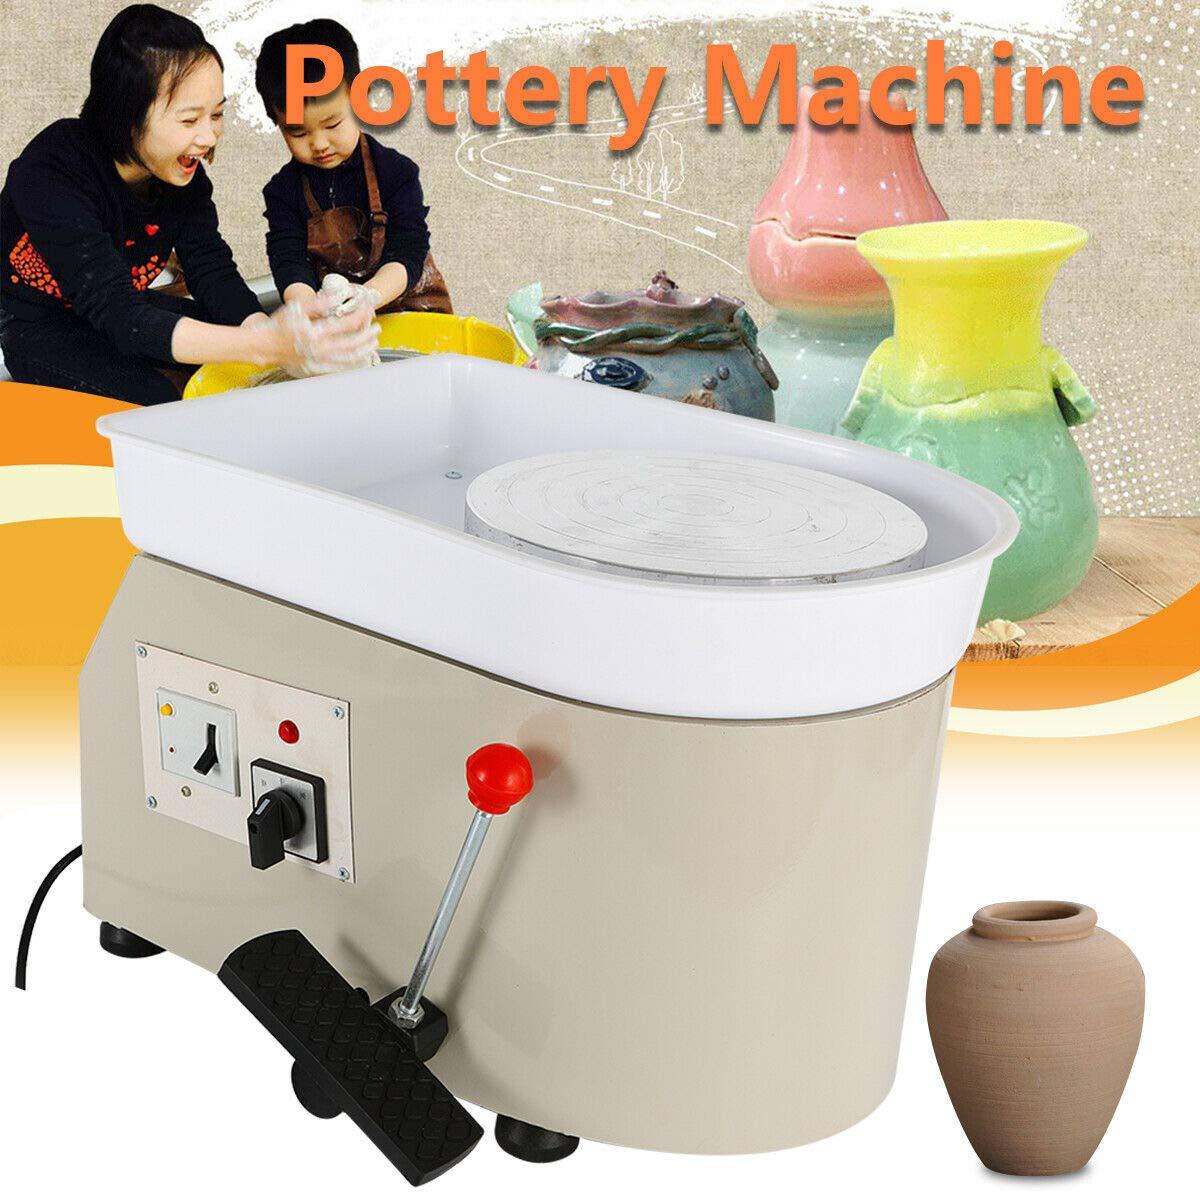 350W Pottery Wheel Ceramic Machine Work Clay Art Craft DIY 25cm US Plug Grey Flexible Pedal Work Clay Art Craft